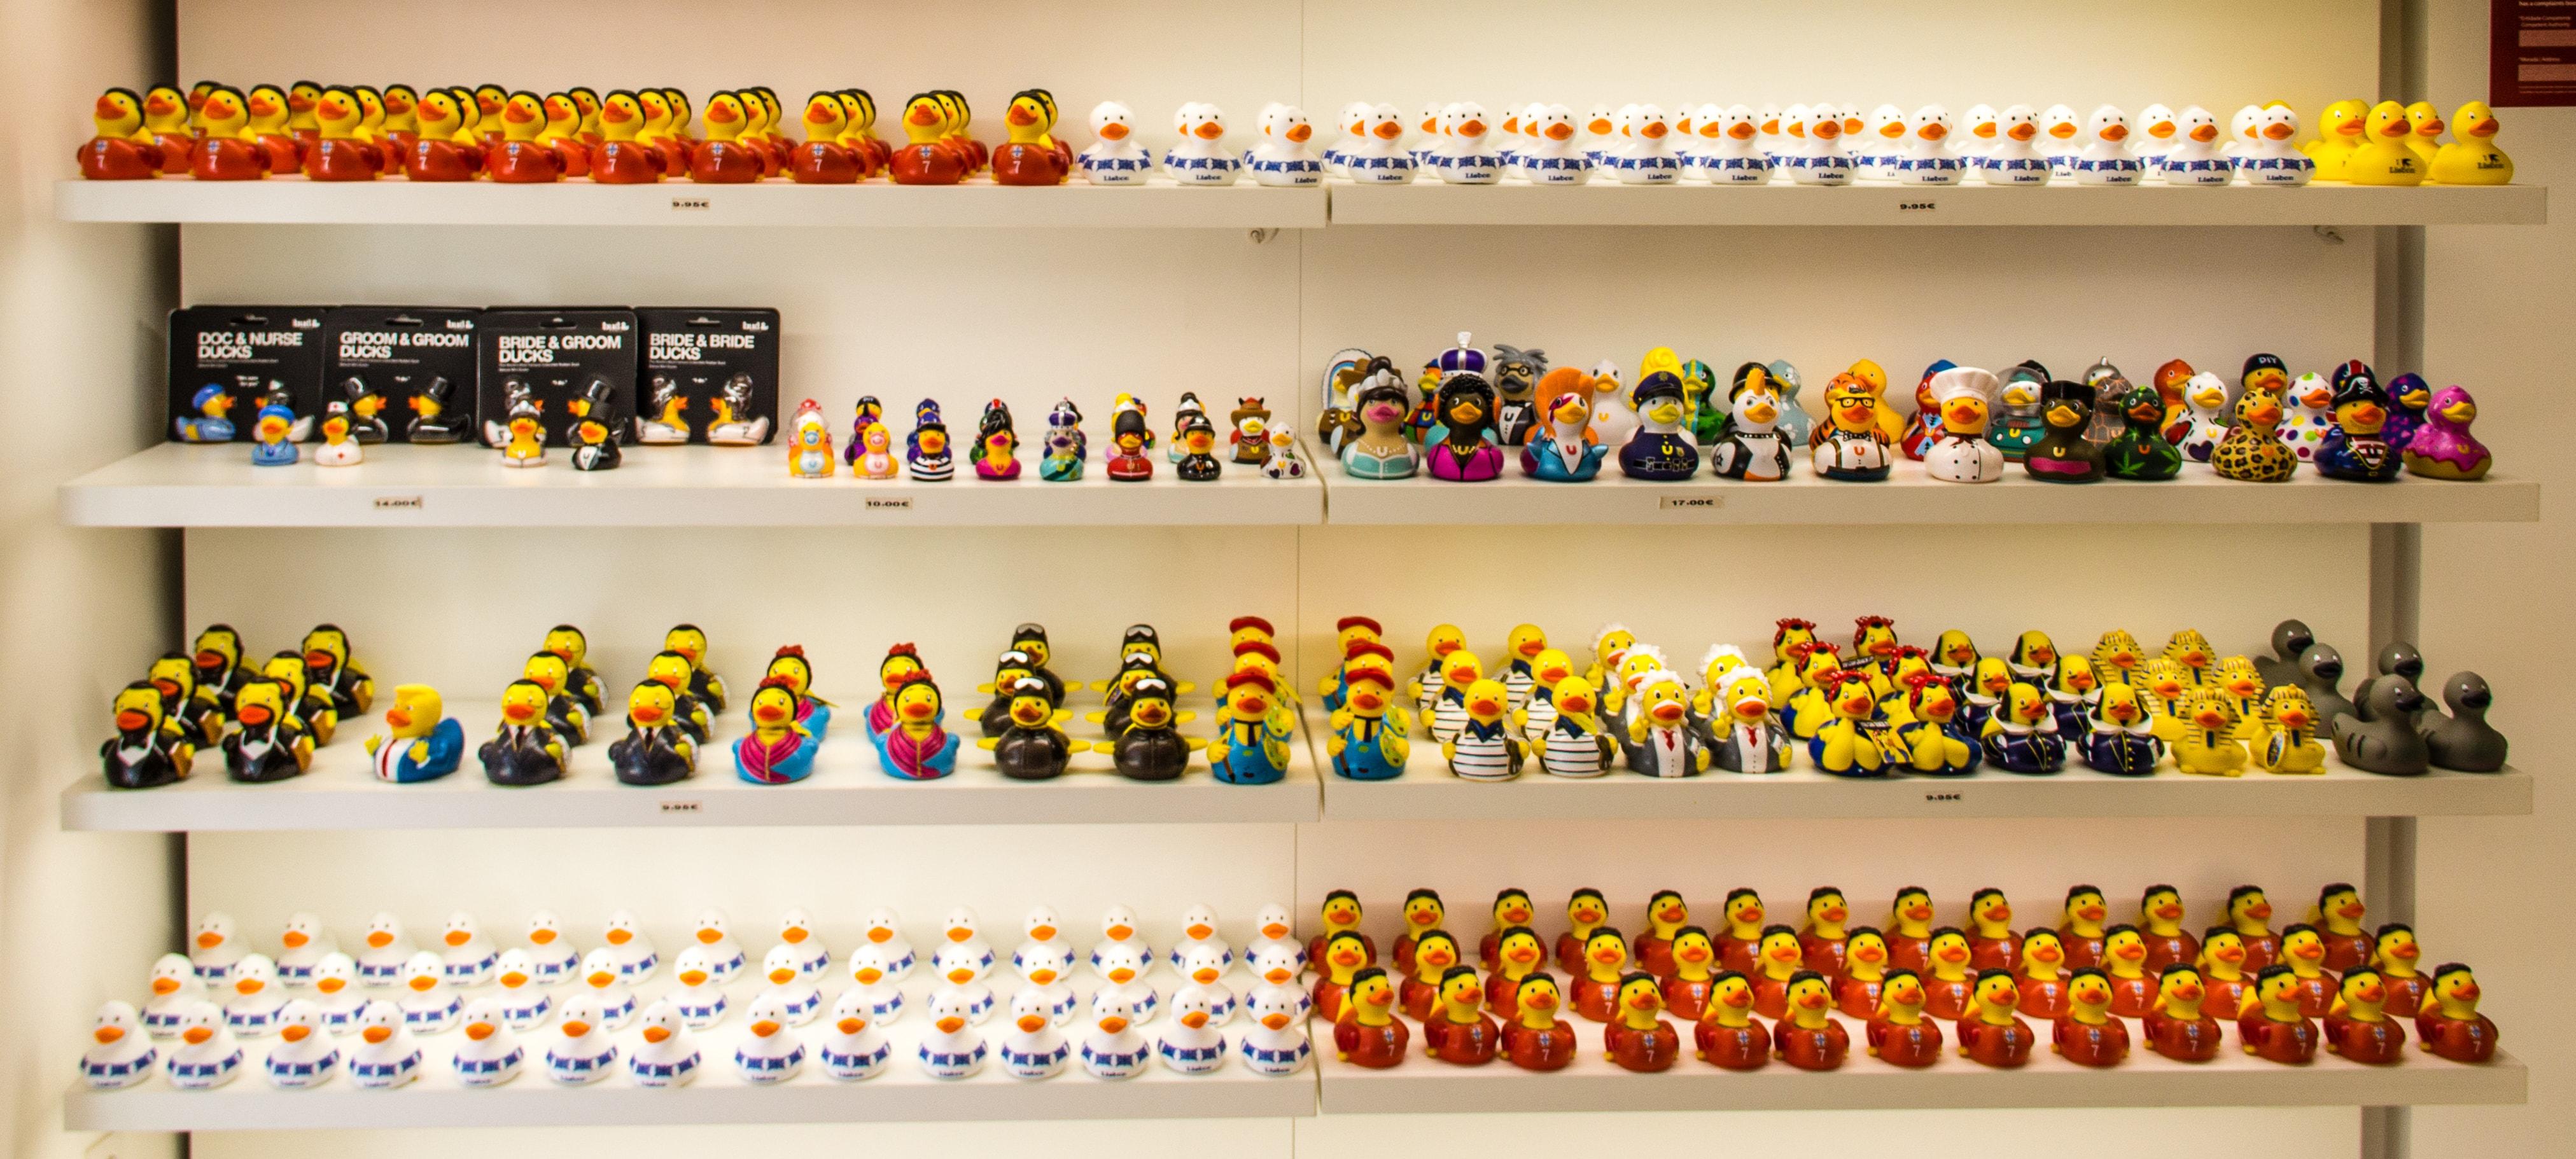 prateleira com patos de borracha em loja de Lisboa